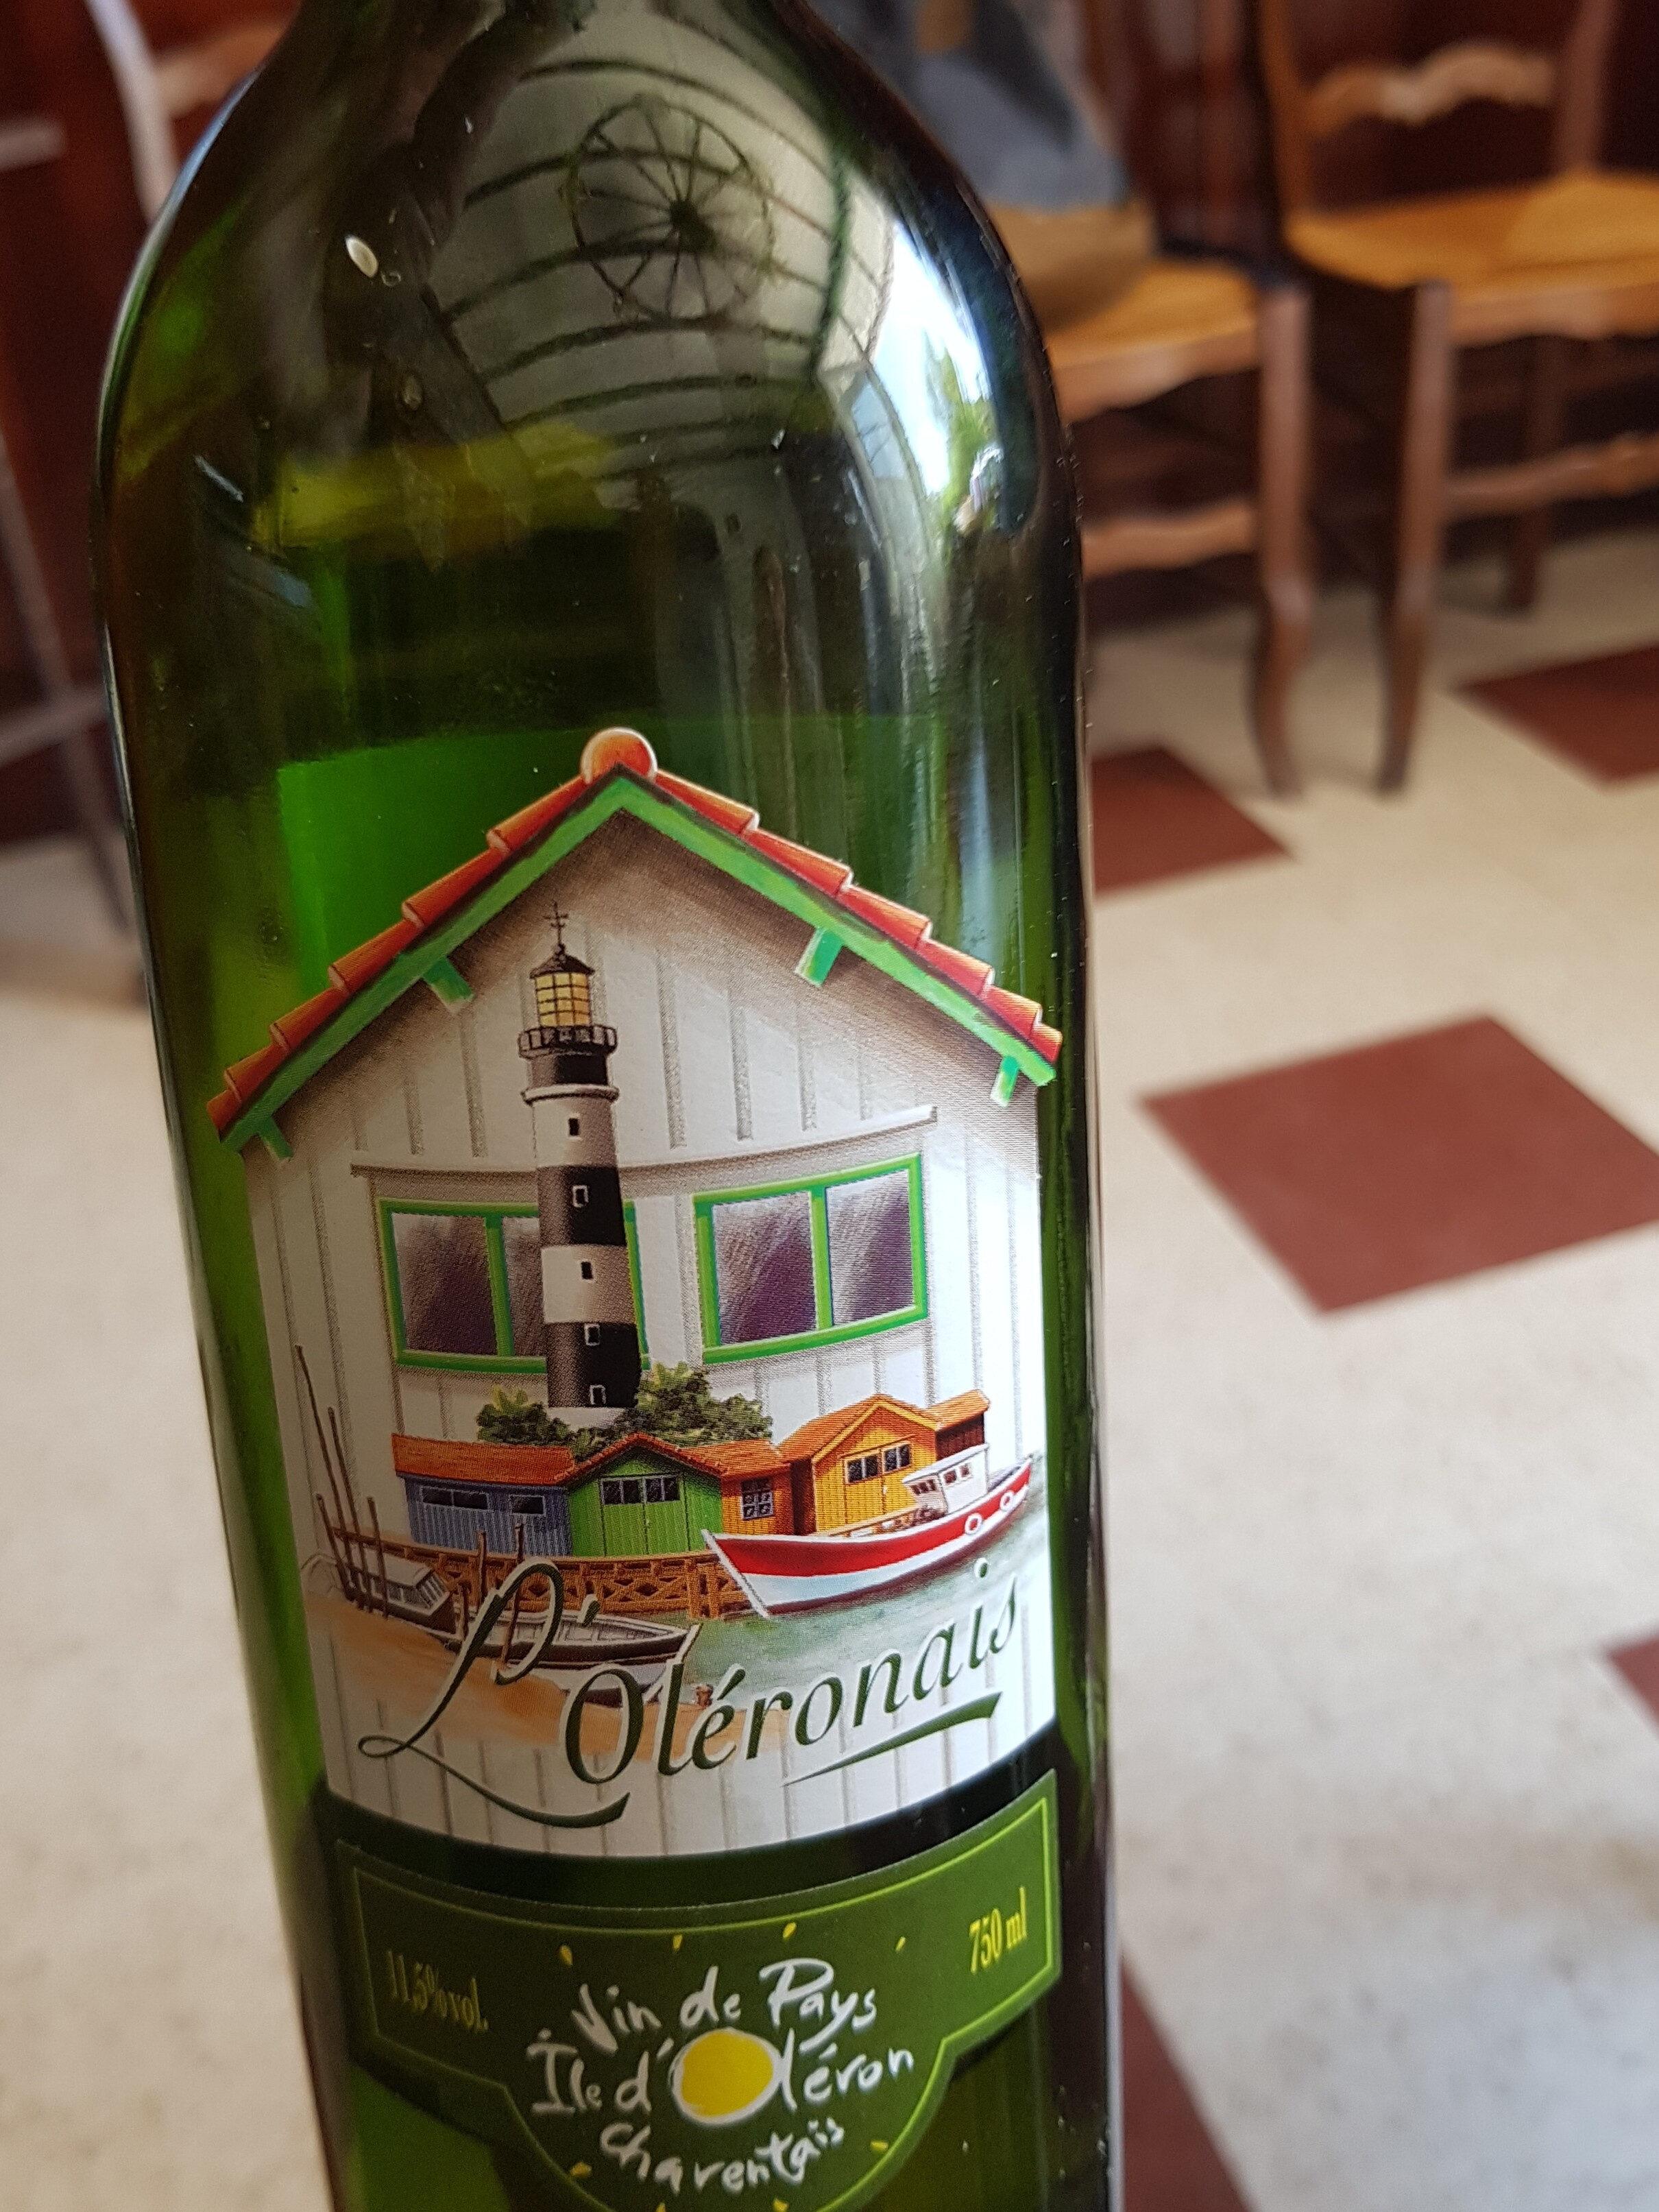 vin de pays charentais - Produit - fr